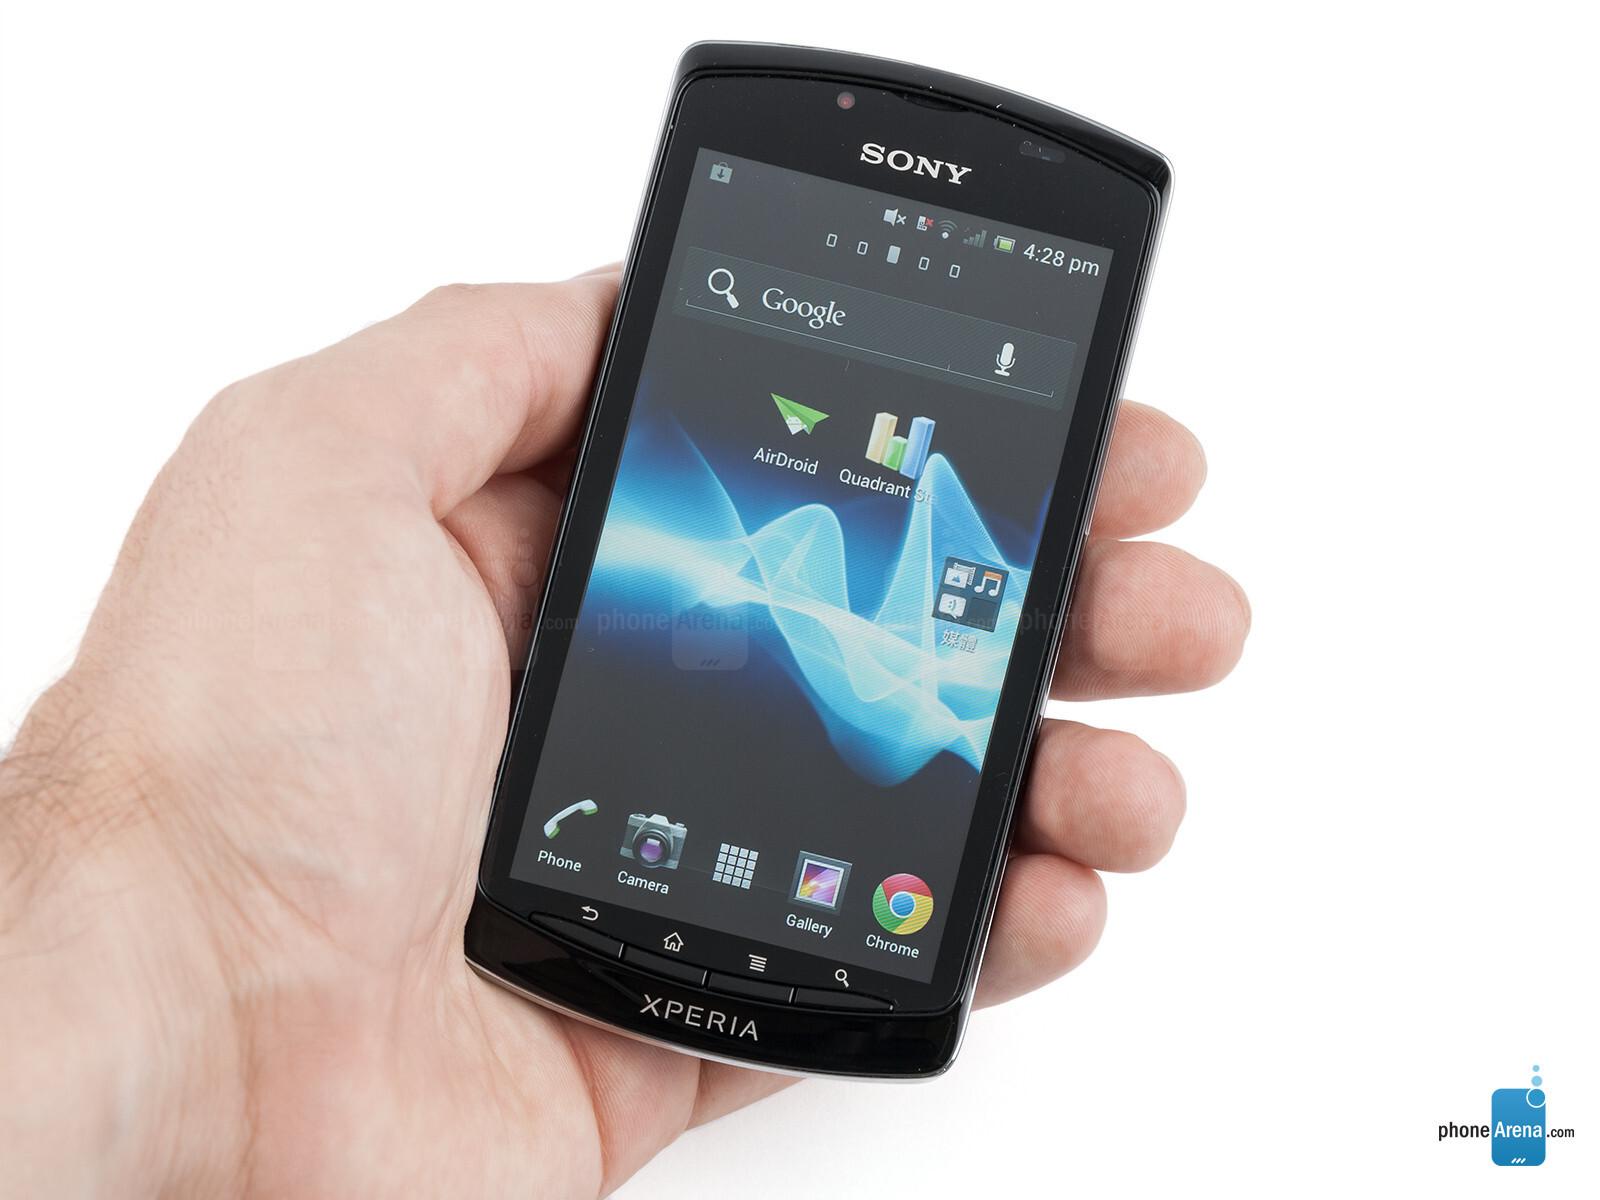 sony xperia neo l photos rh phonearena com Harga Sony Xperia Neo Sony Xperia Z3